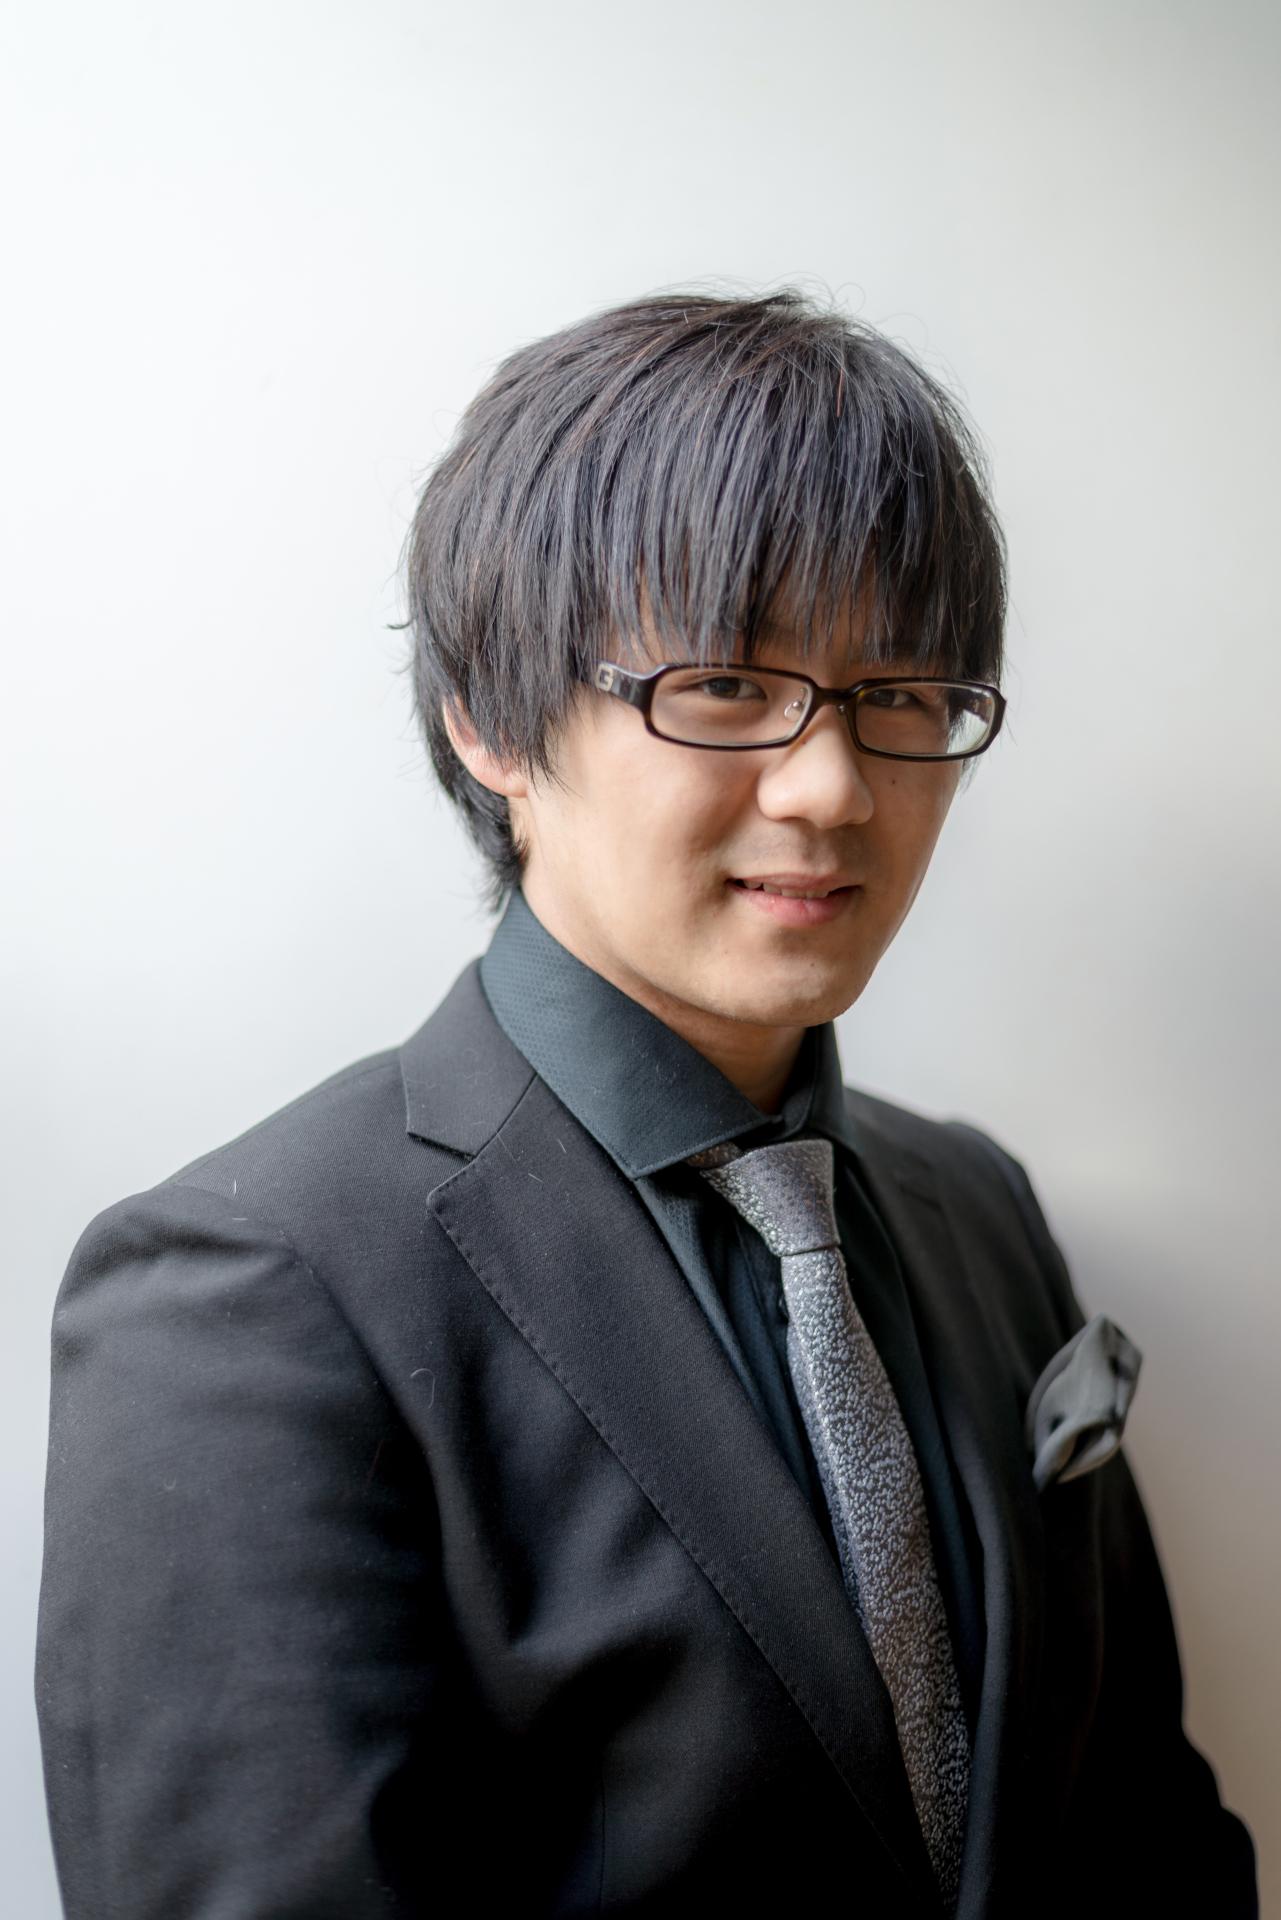 Takushi Nakamura